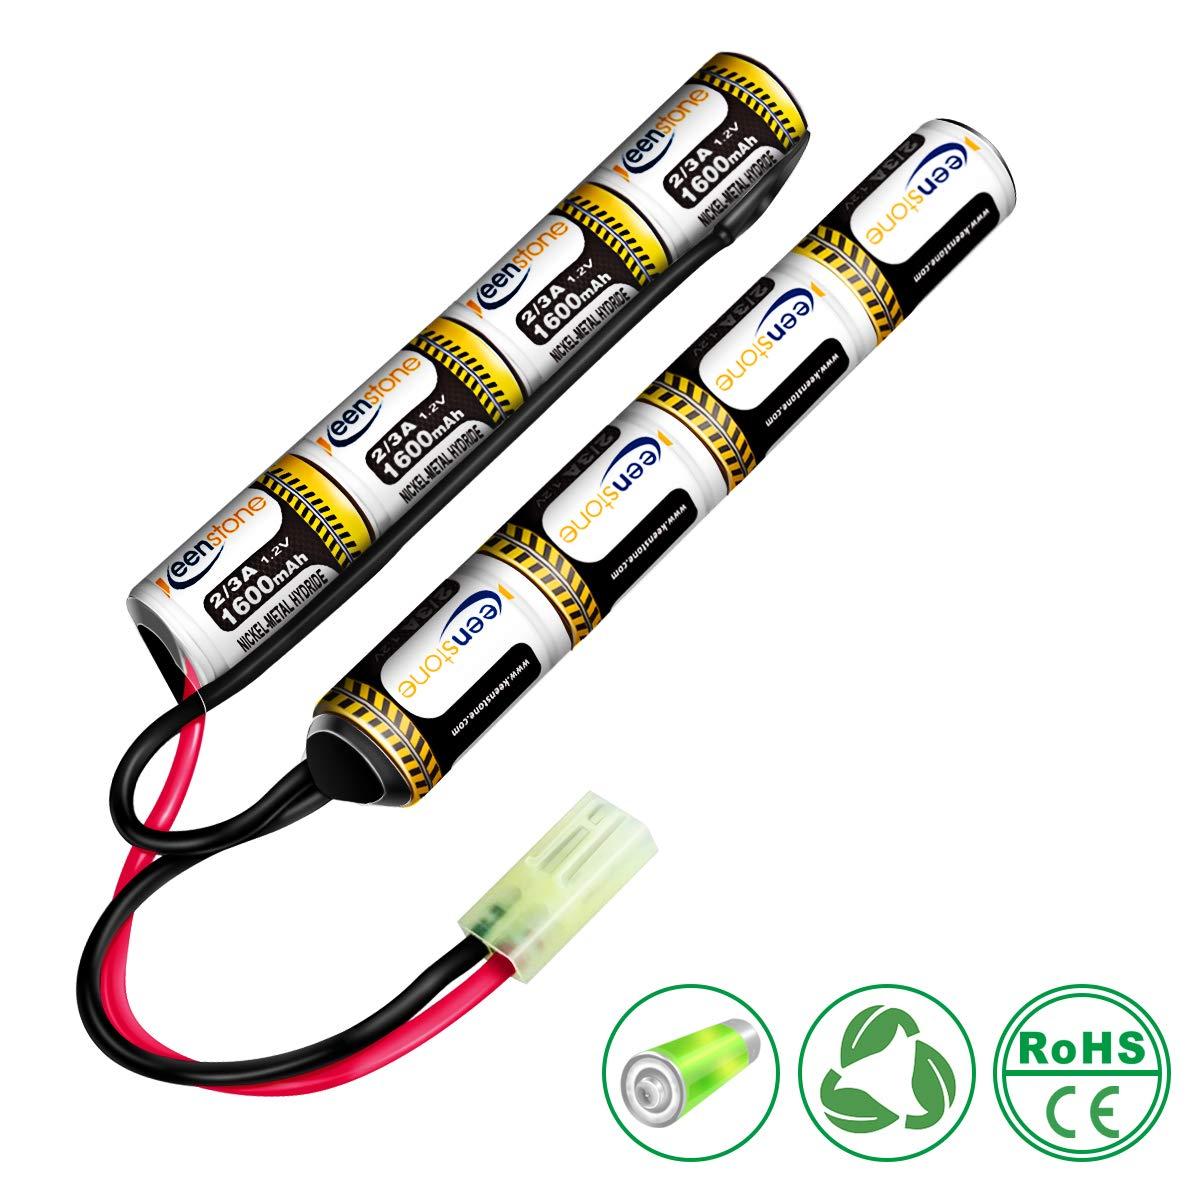 Keenstone Cargador Airsoft, con conector Mini Tamiya y adaptador estándar de Tamiya para 1-8s NiMH, baterías Airsoft 1.2V 2.4V 3.6V 4.8V 6V 7.2V 8.4V 9.6V (batería)